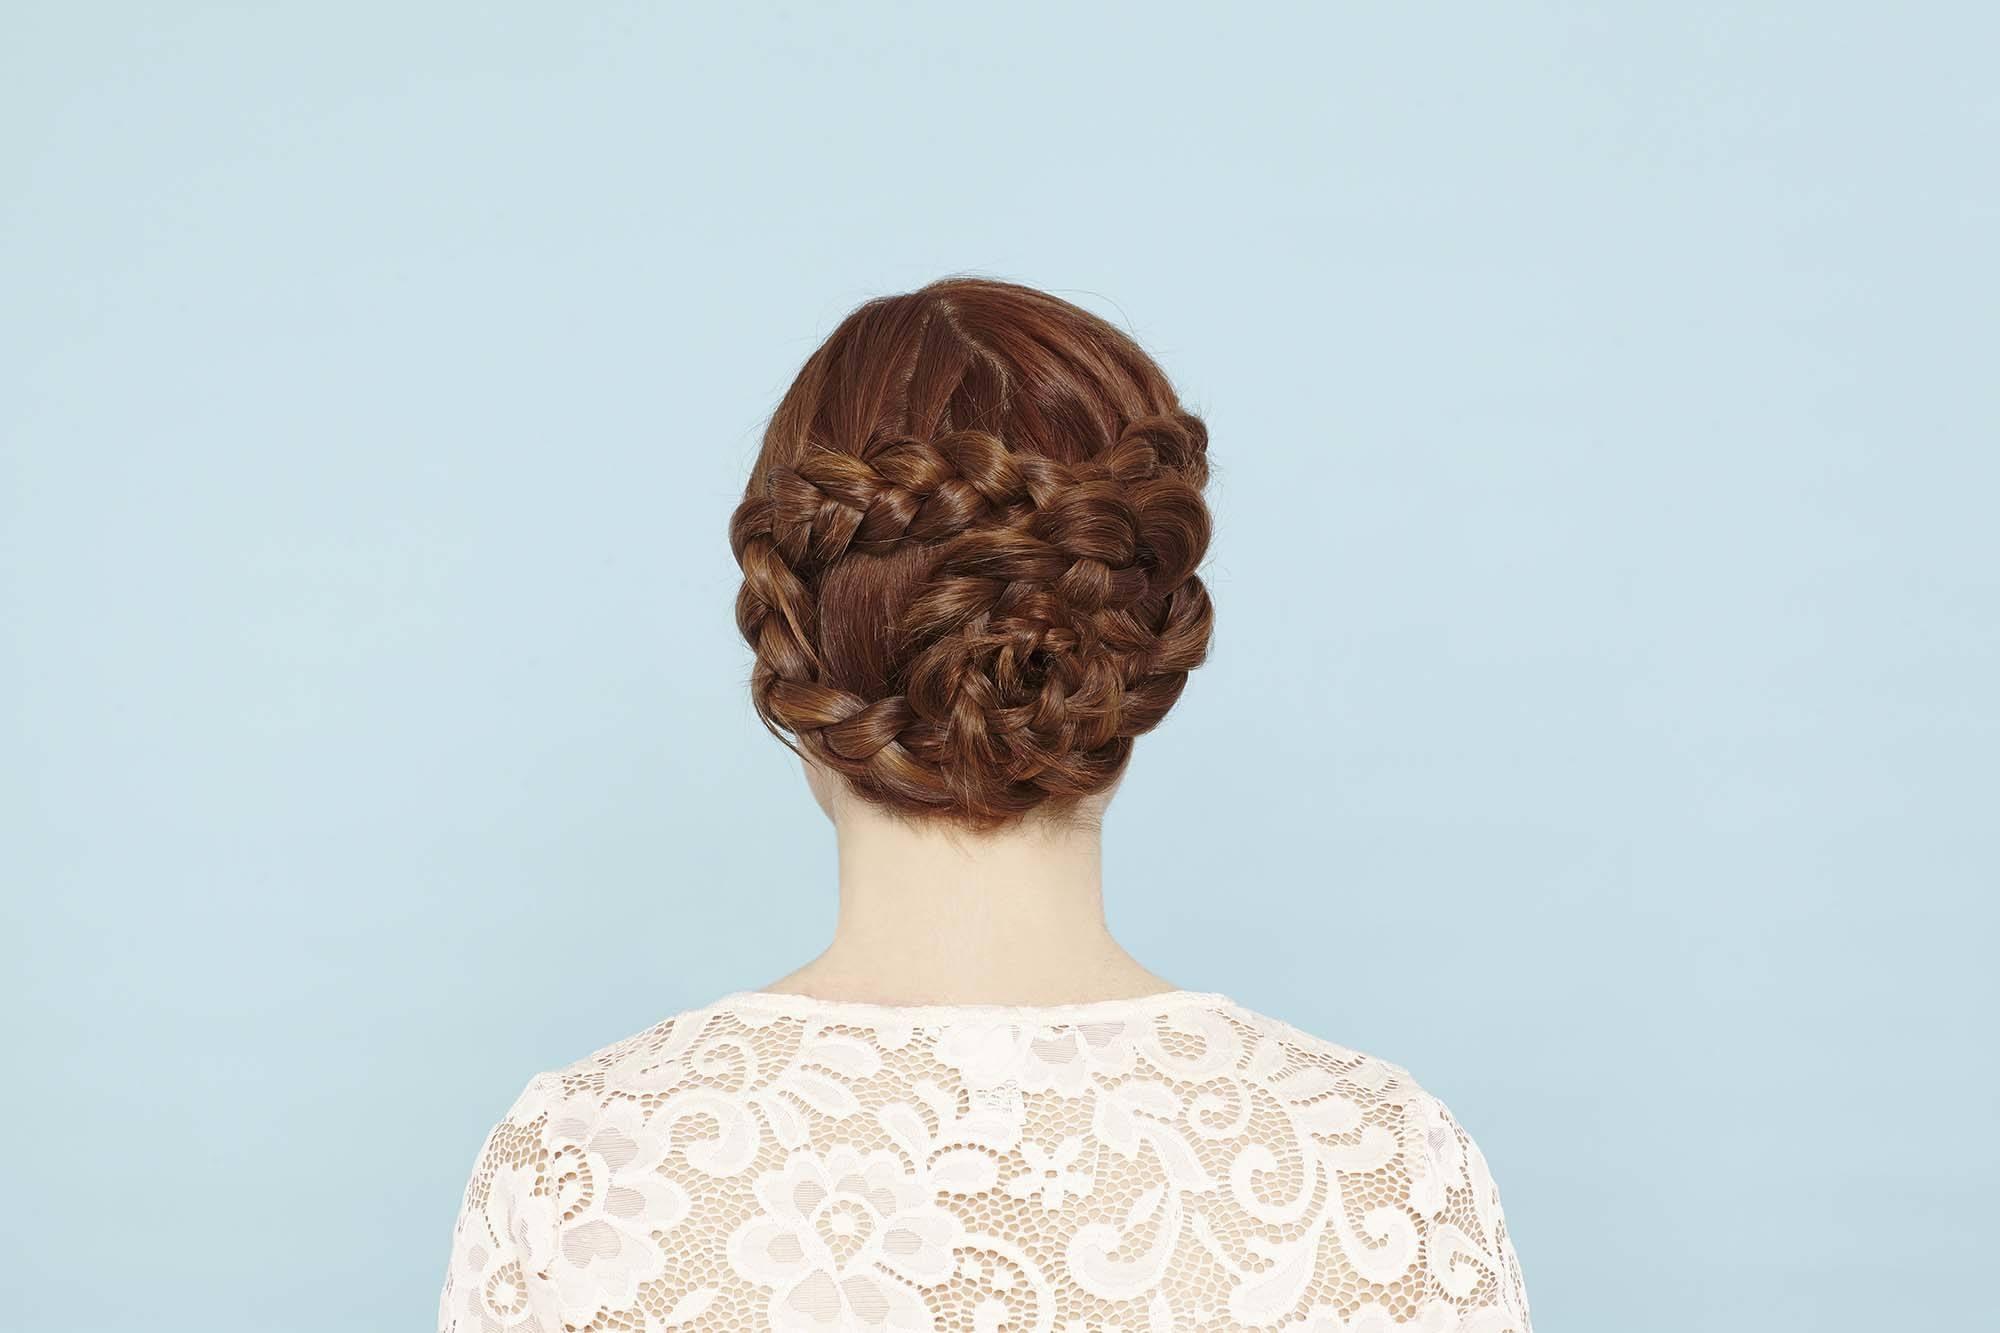 Femme aux cheveux roux dans un updo de tresses de fleurs